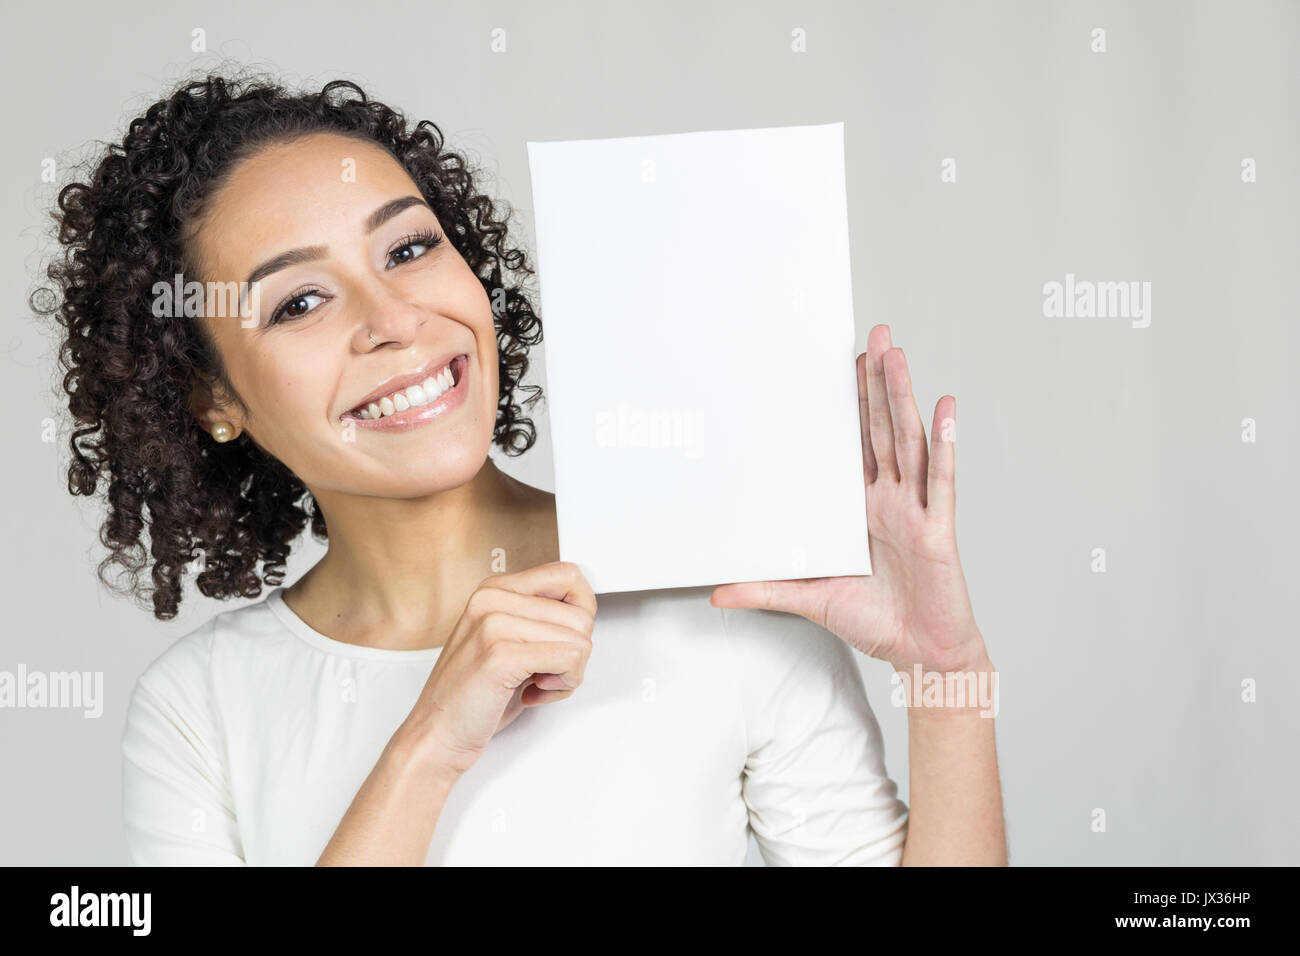 1363019eb3 Bella donna ha un cortocircuito, capelli ricci. Il bellissimo modello è  sempre sorridente e